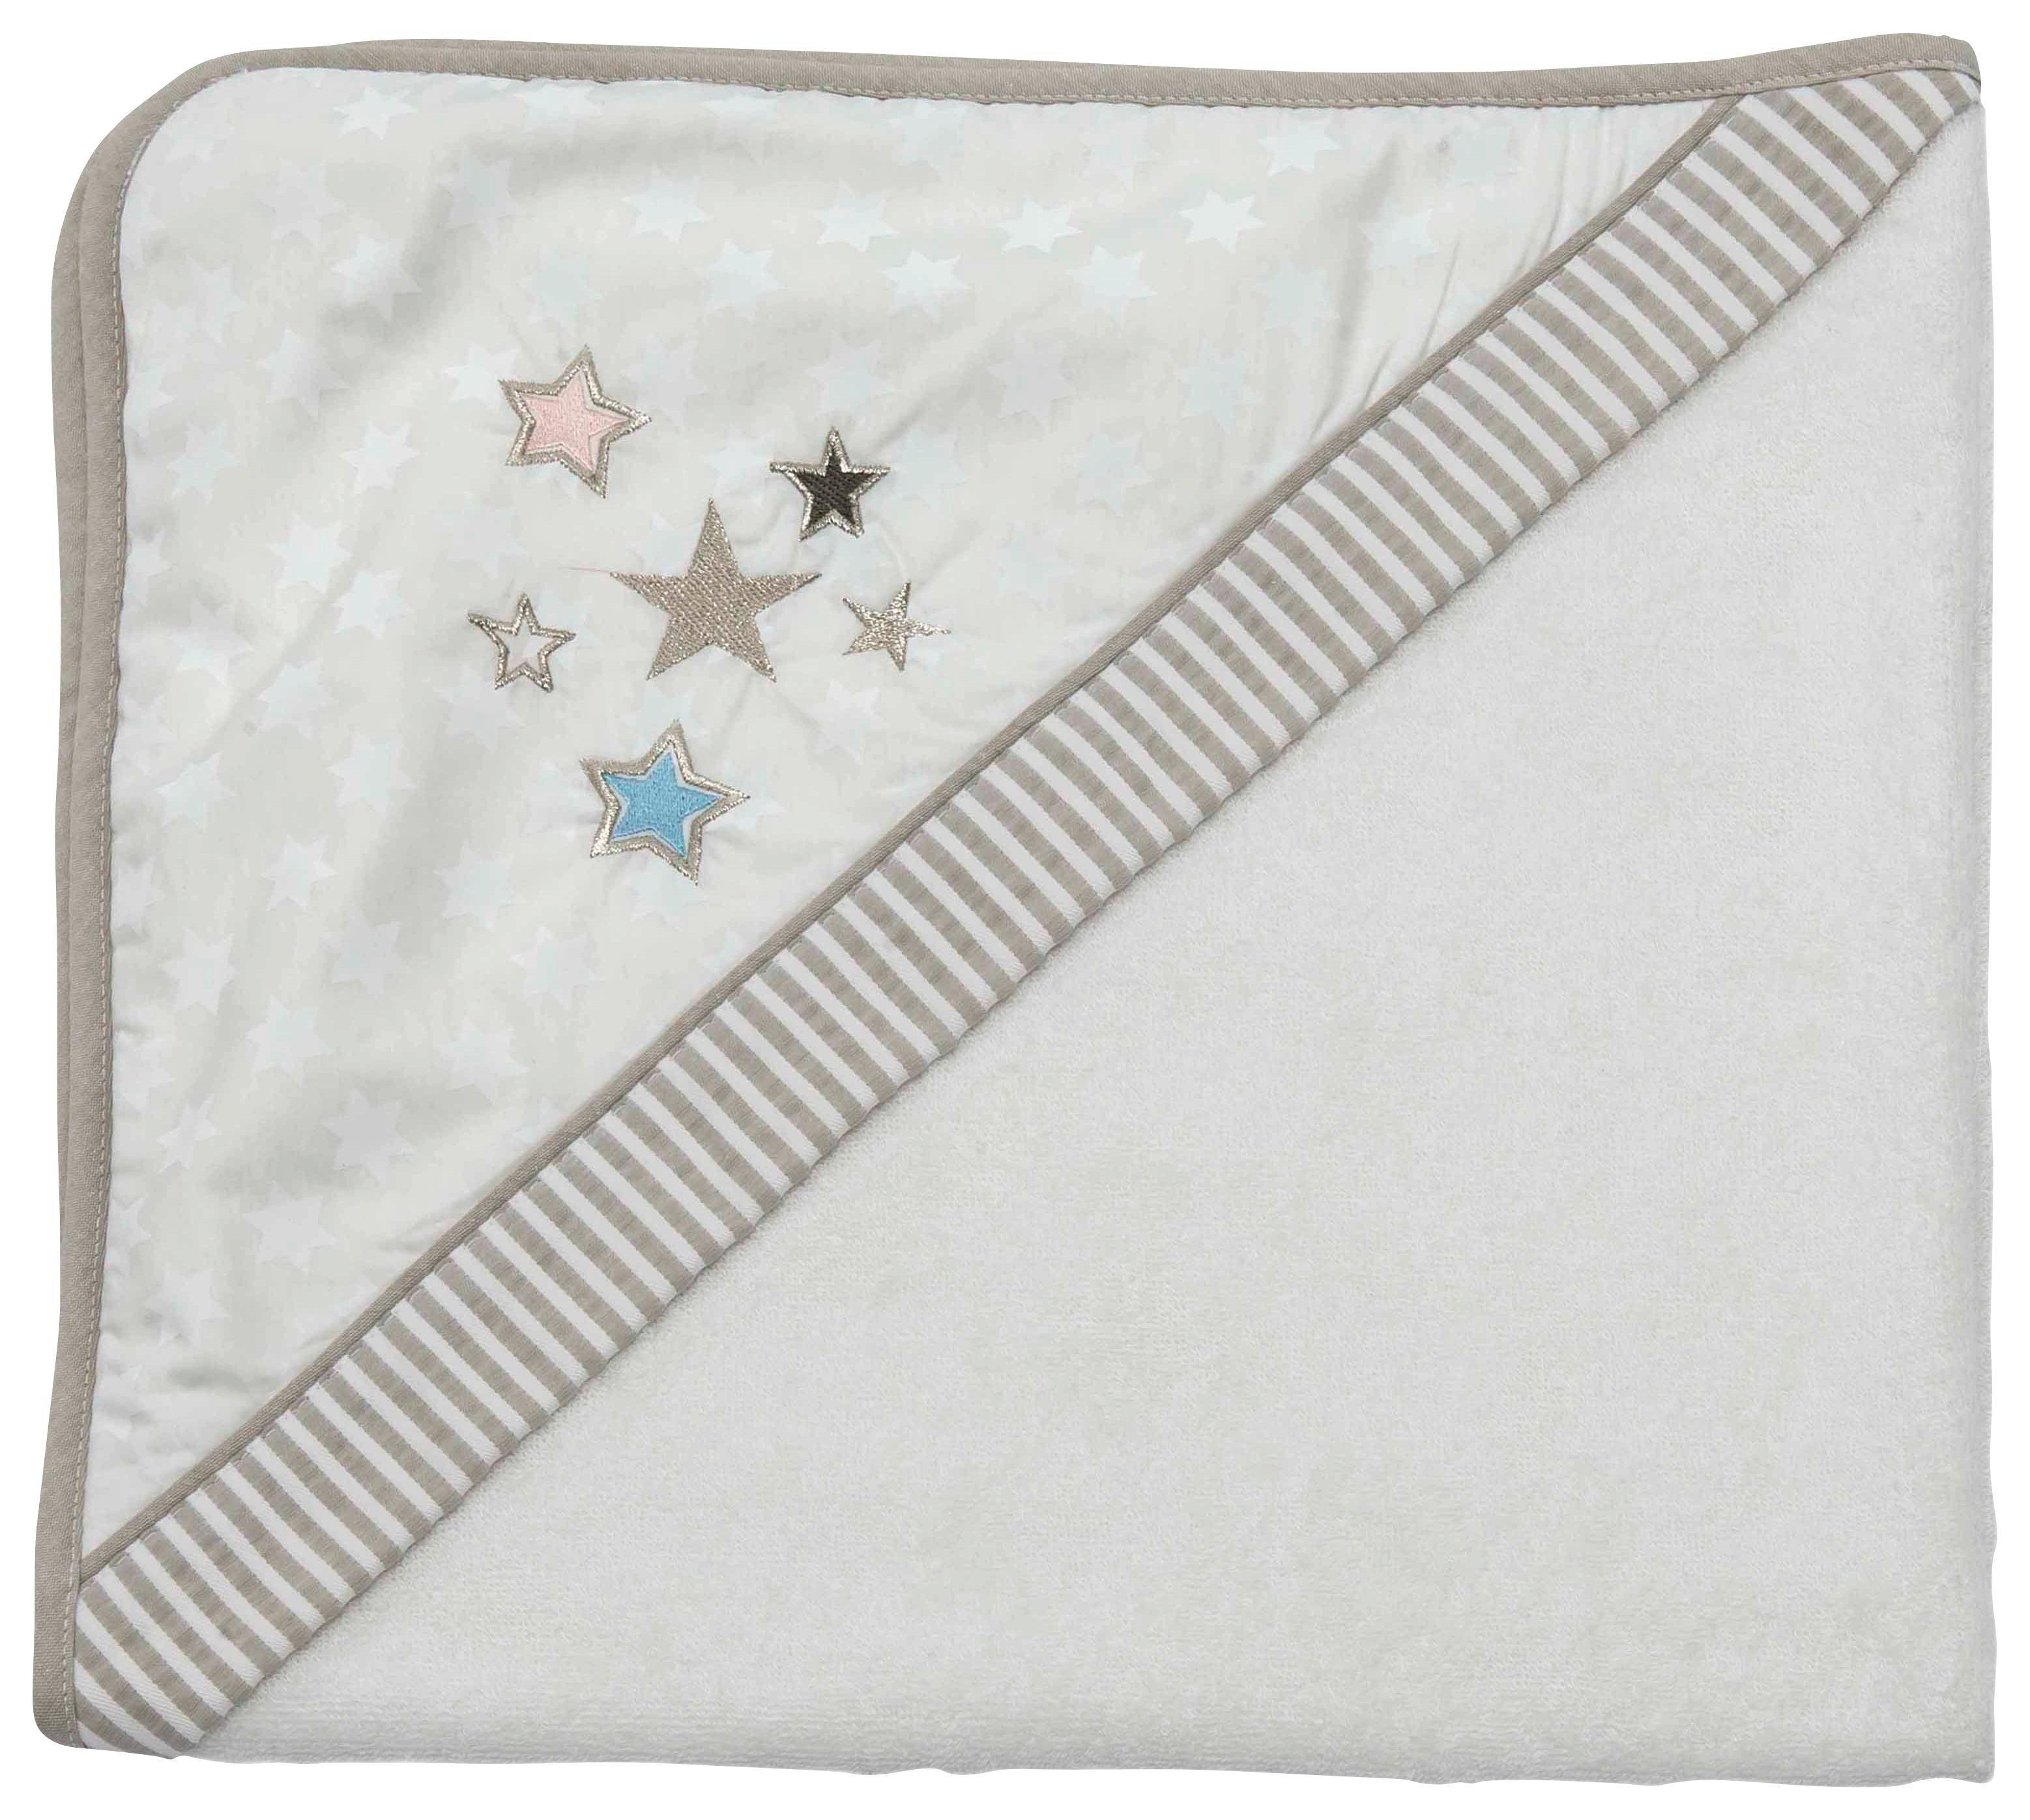 KAPUZENBADETUCH - Basics, Textil (100/100cm)